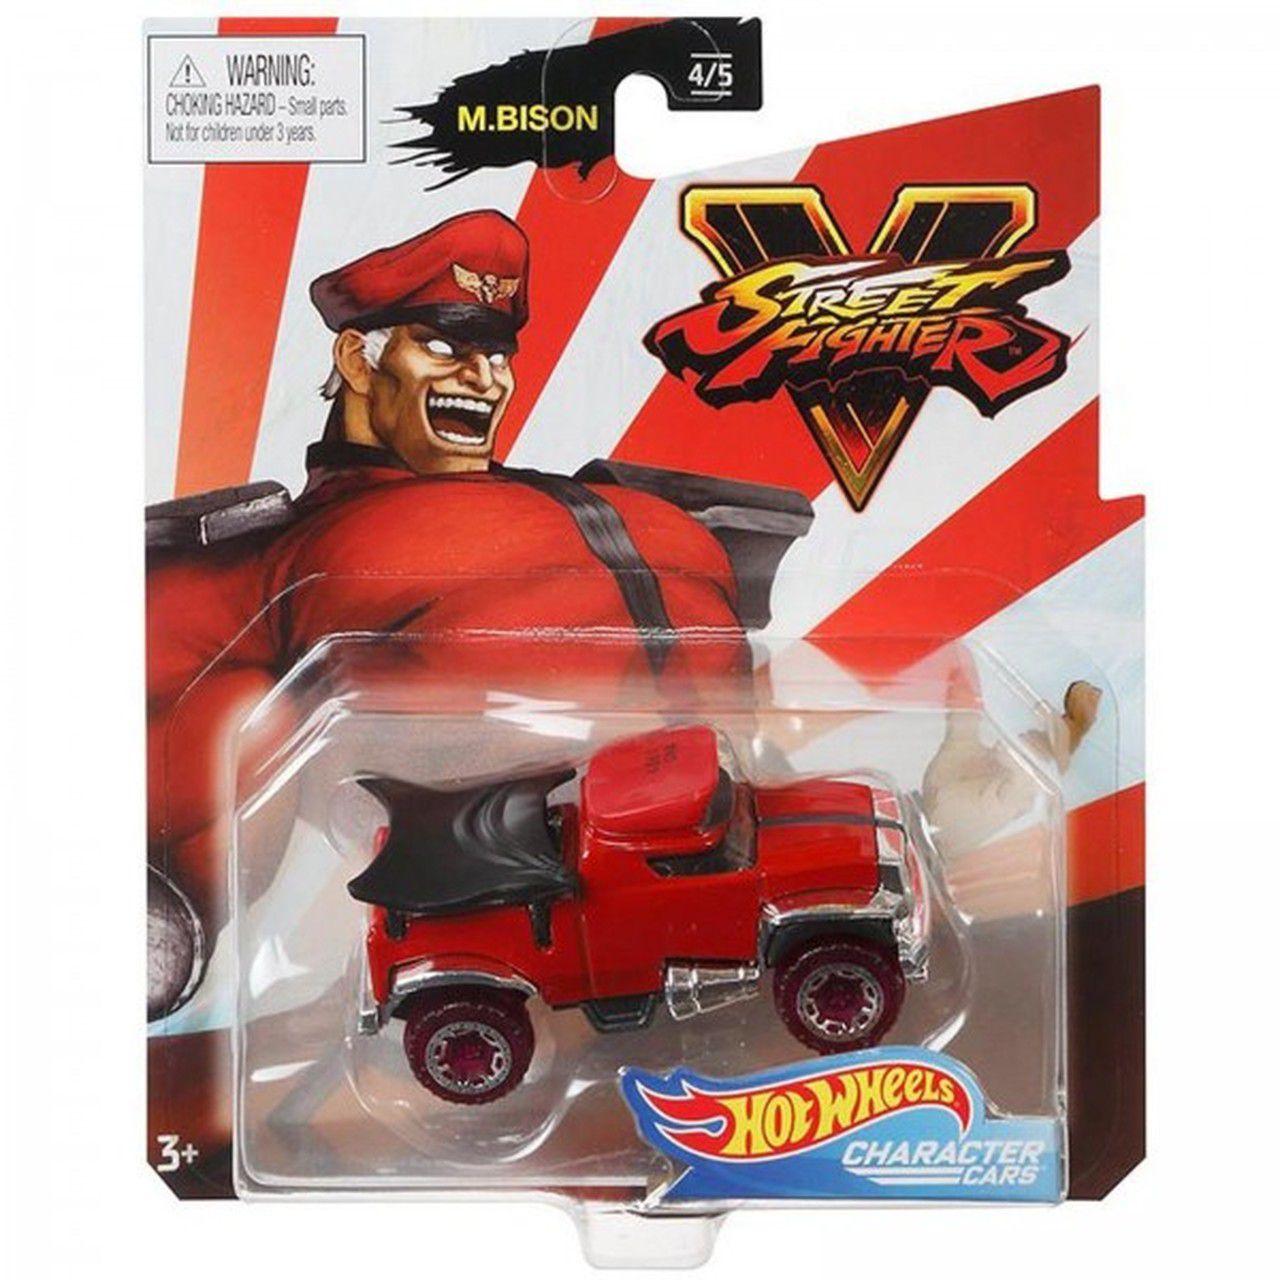 Carrinho Mr Bison: Street Fighter V - Hot Wheels